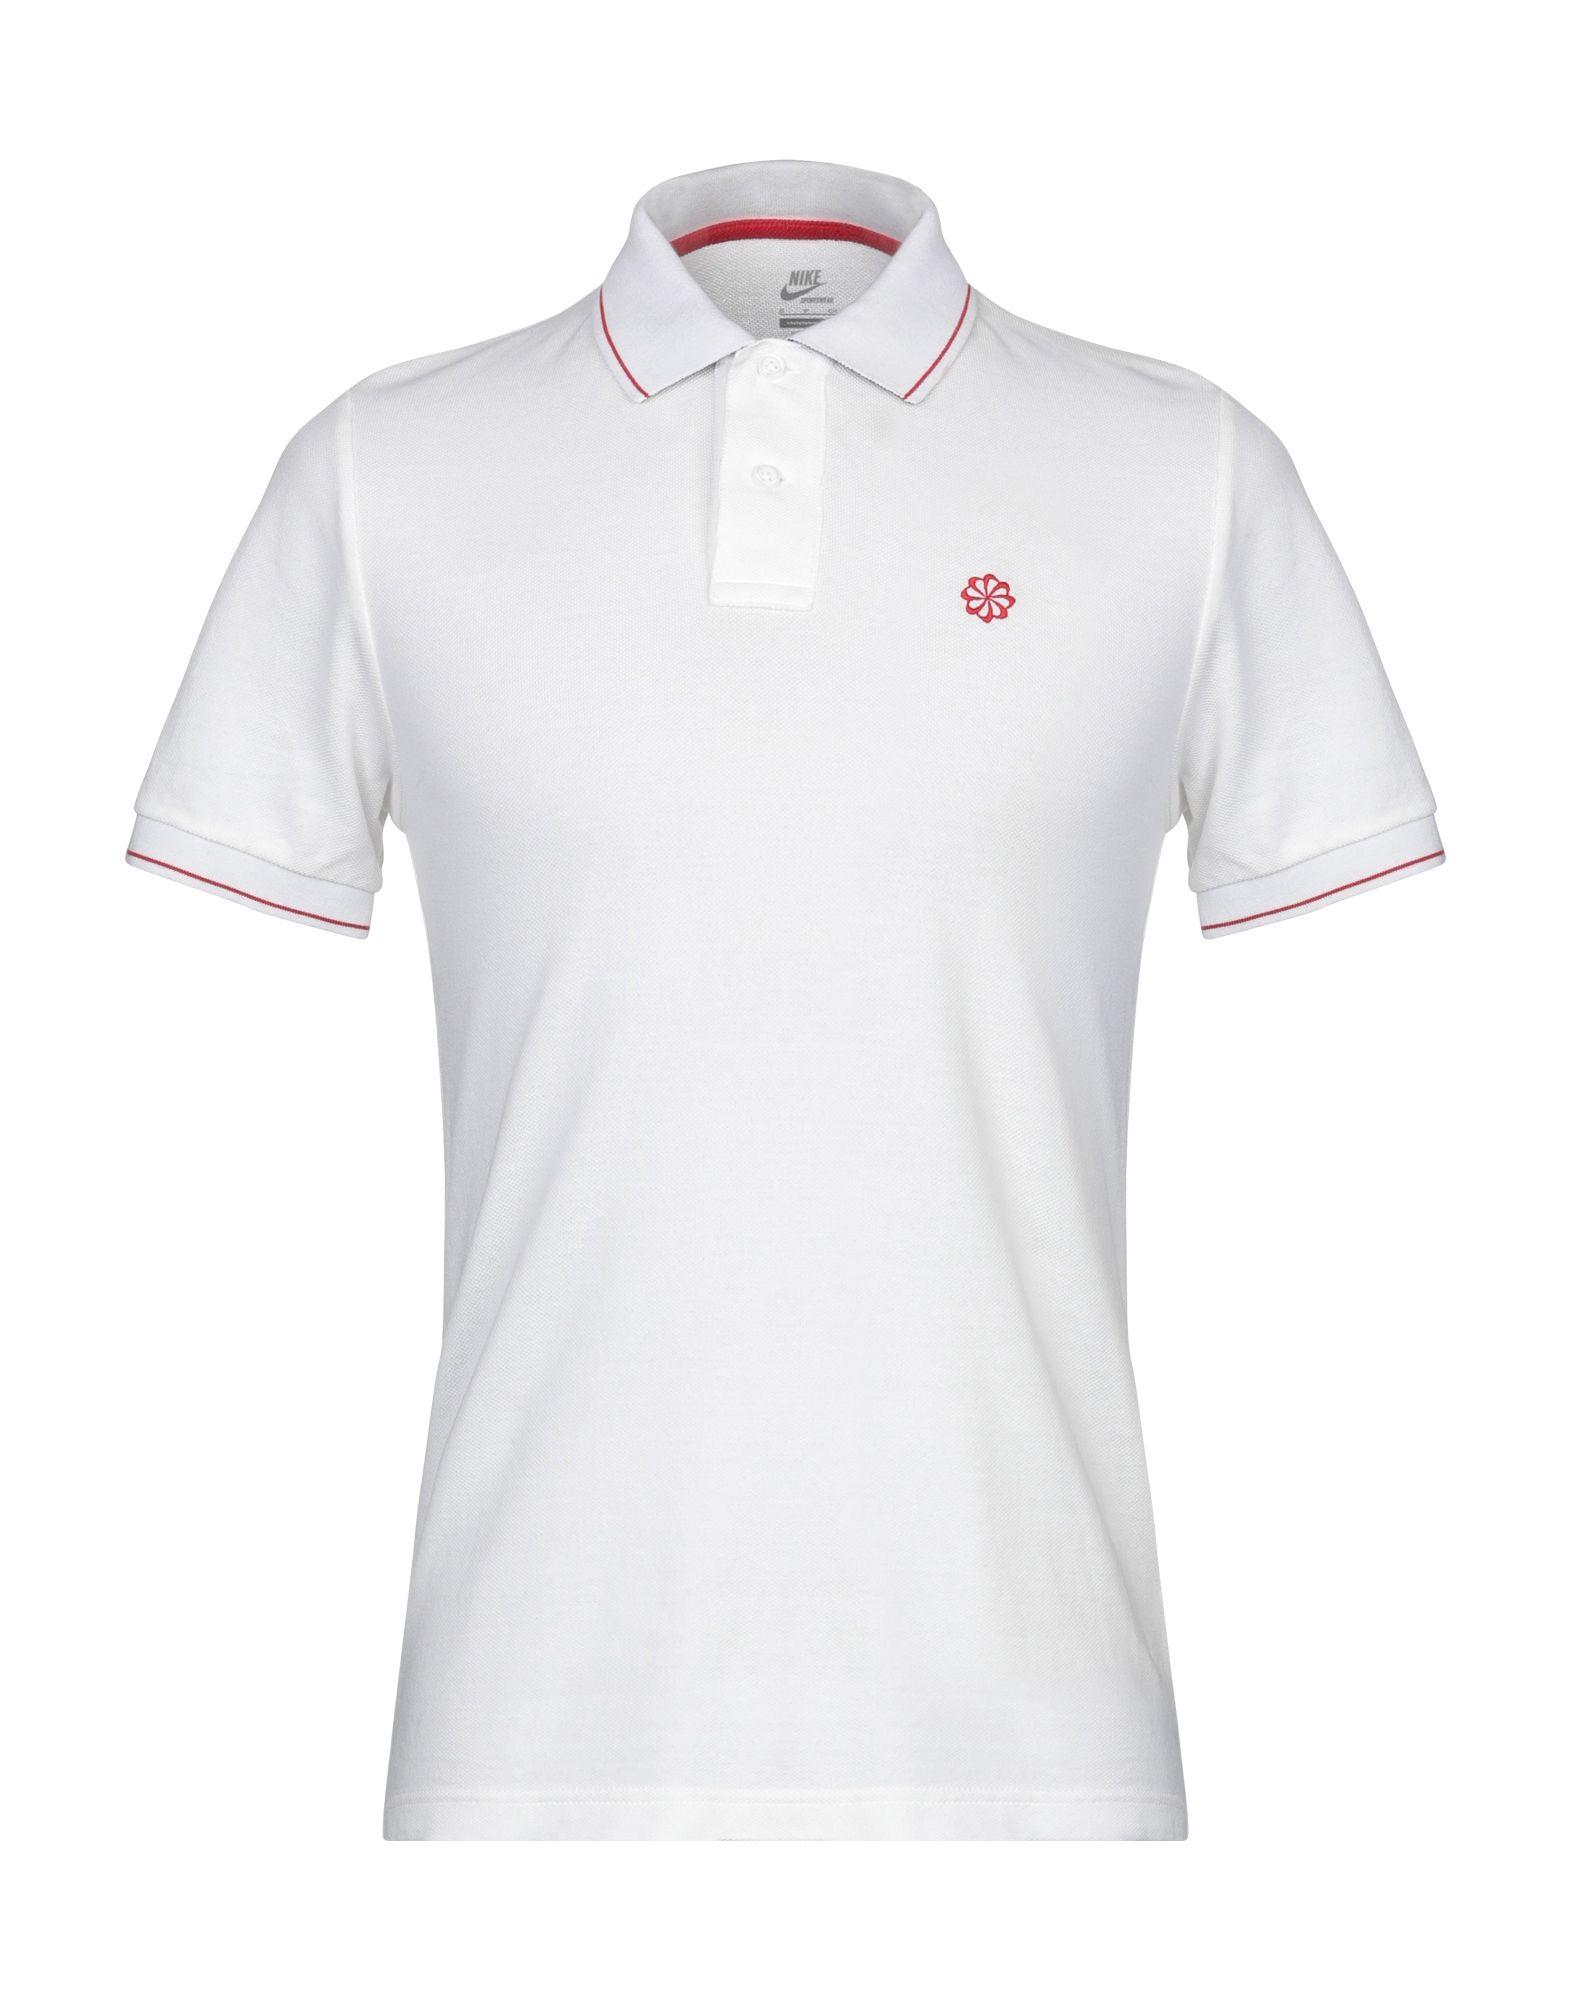 Polo Nike uomo uomo - 12318514BE  liefern Qualitätsprodukt